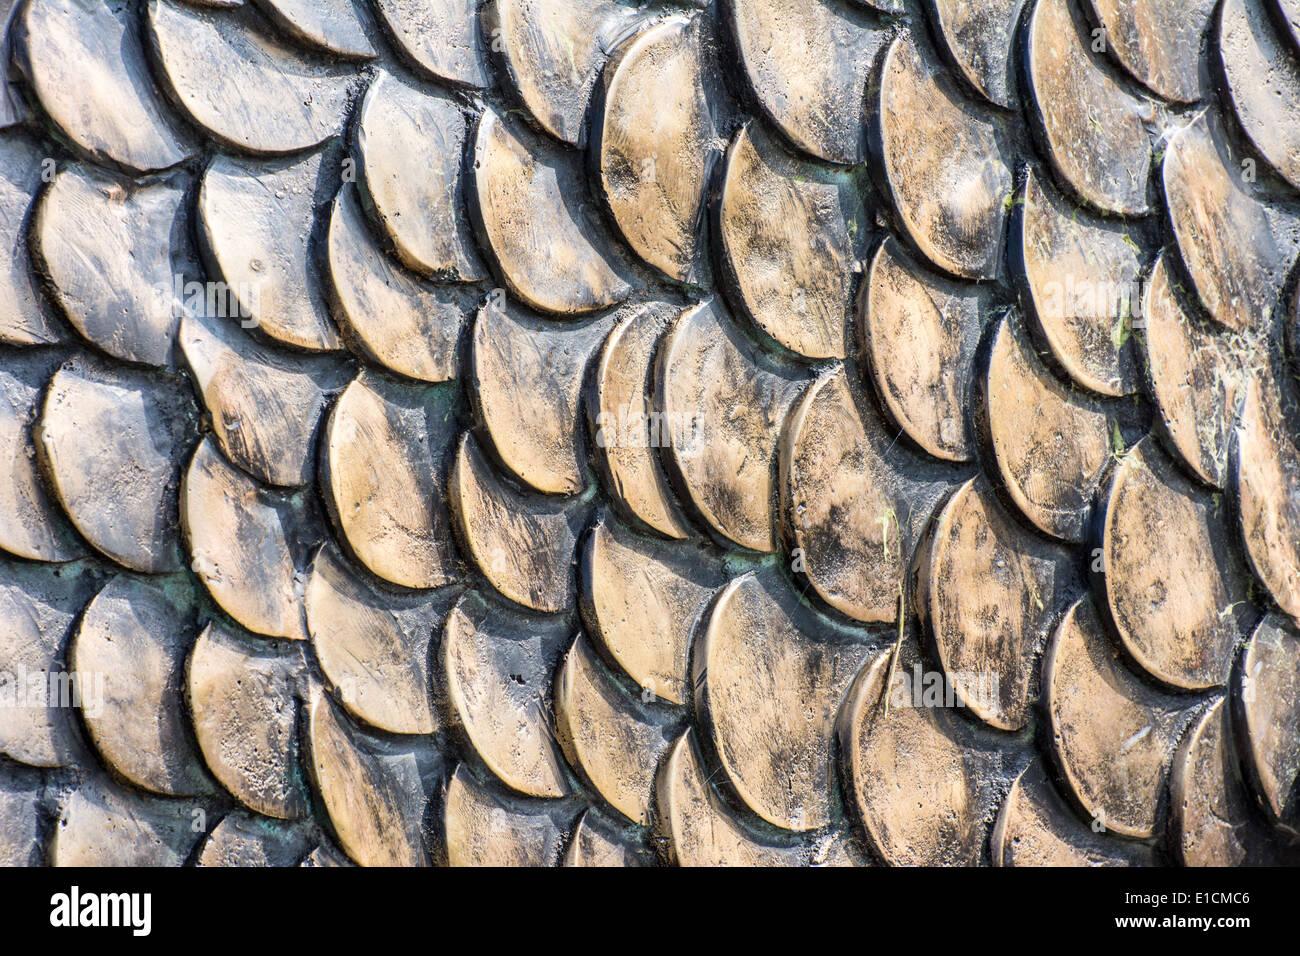 hintergrund von einem metallischen fisch schuppen muster